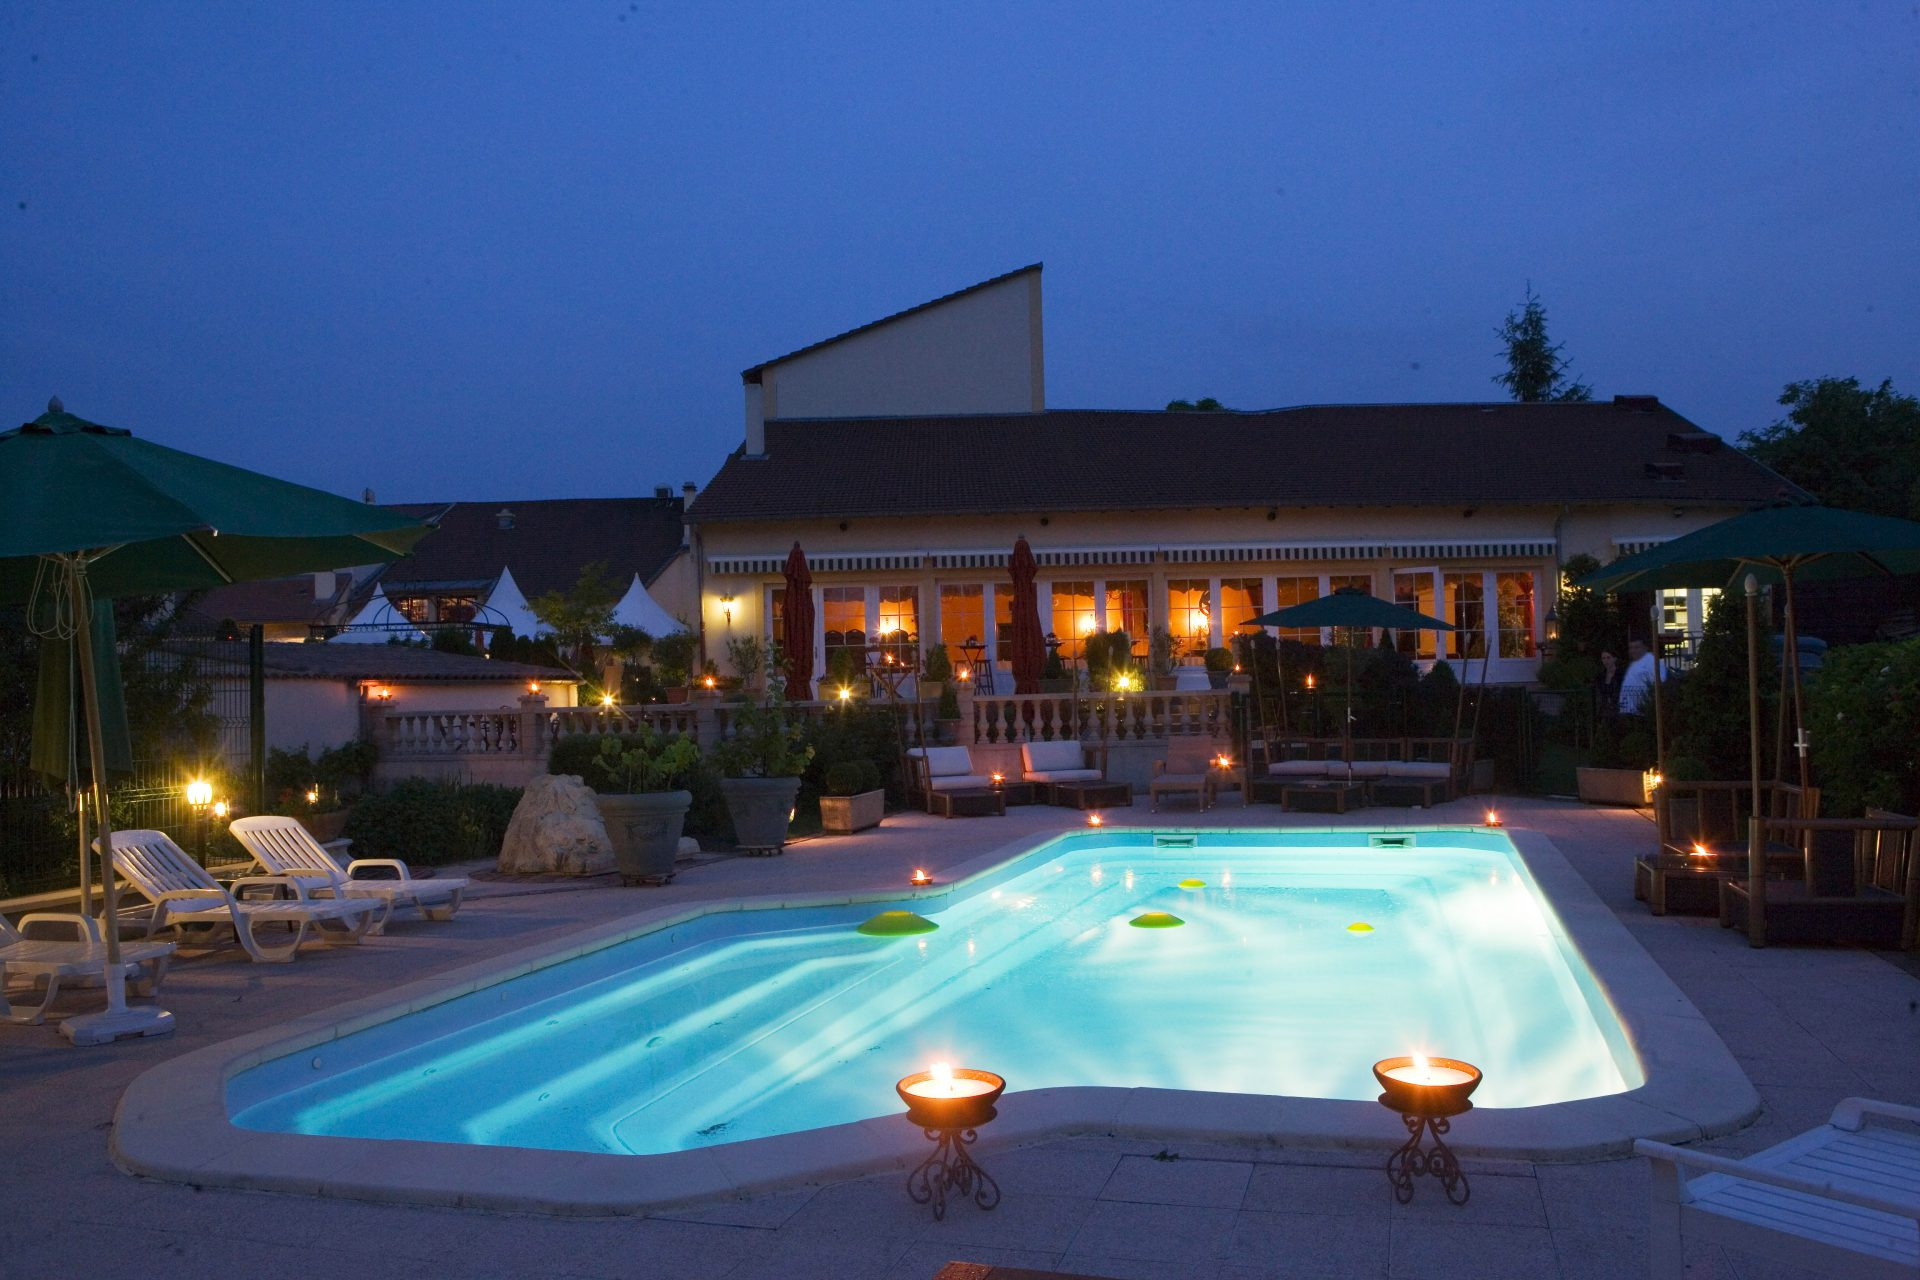 Vue de nuit de la piscine du Domaine de la Grange de Condé en Moselle